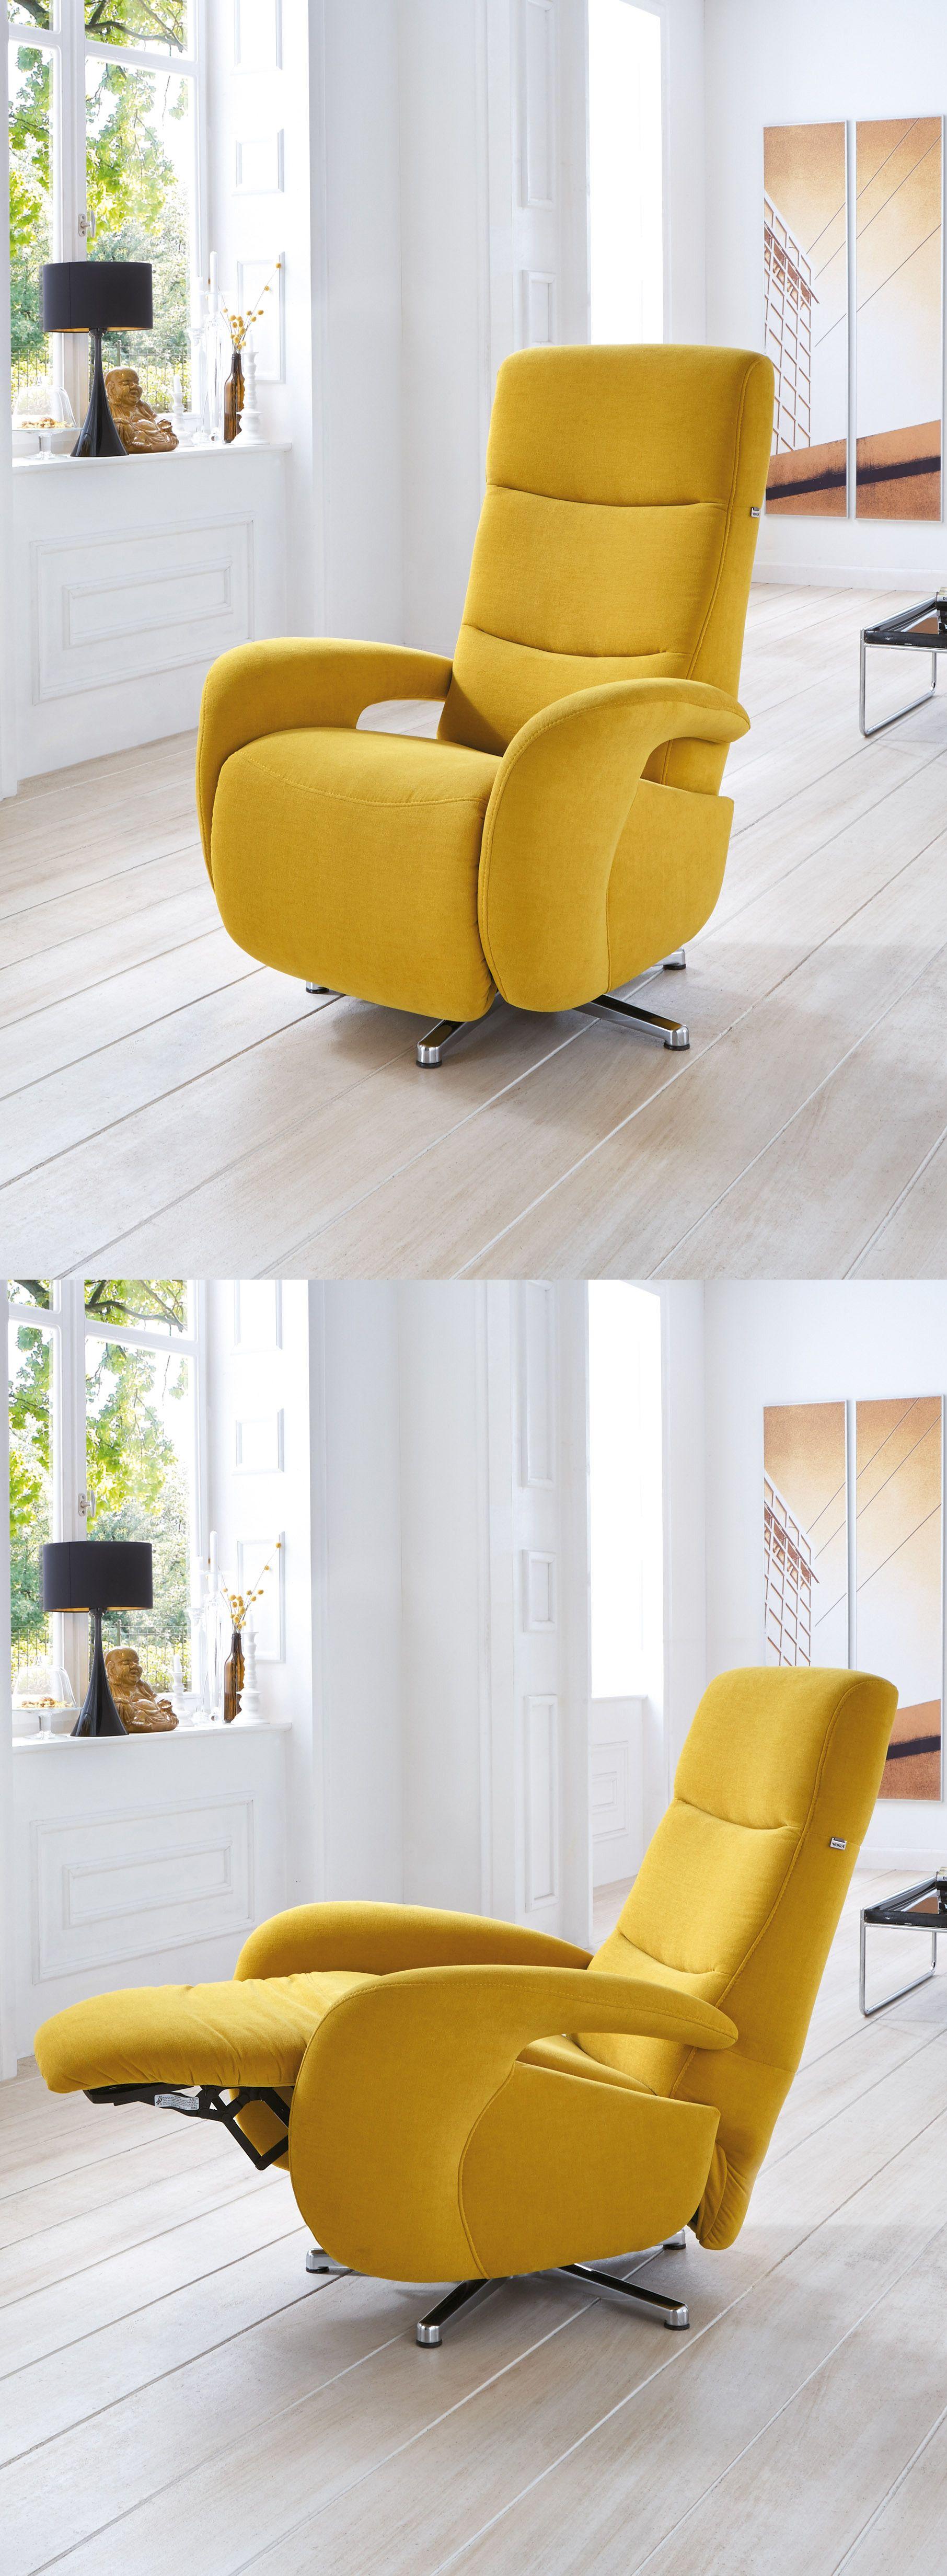 gelber Relaxsessel Baron | Der kleine Wellness-Urlaub für dein  Wohnzimmer... Dieser